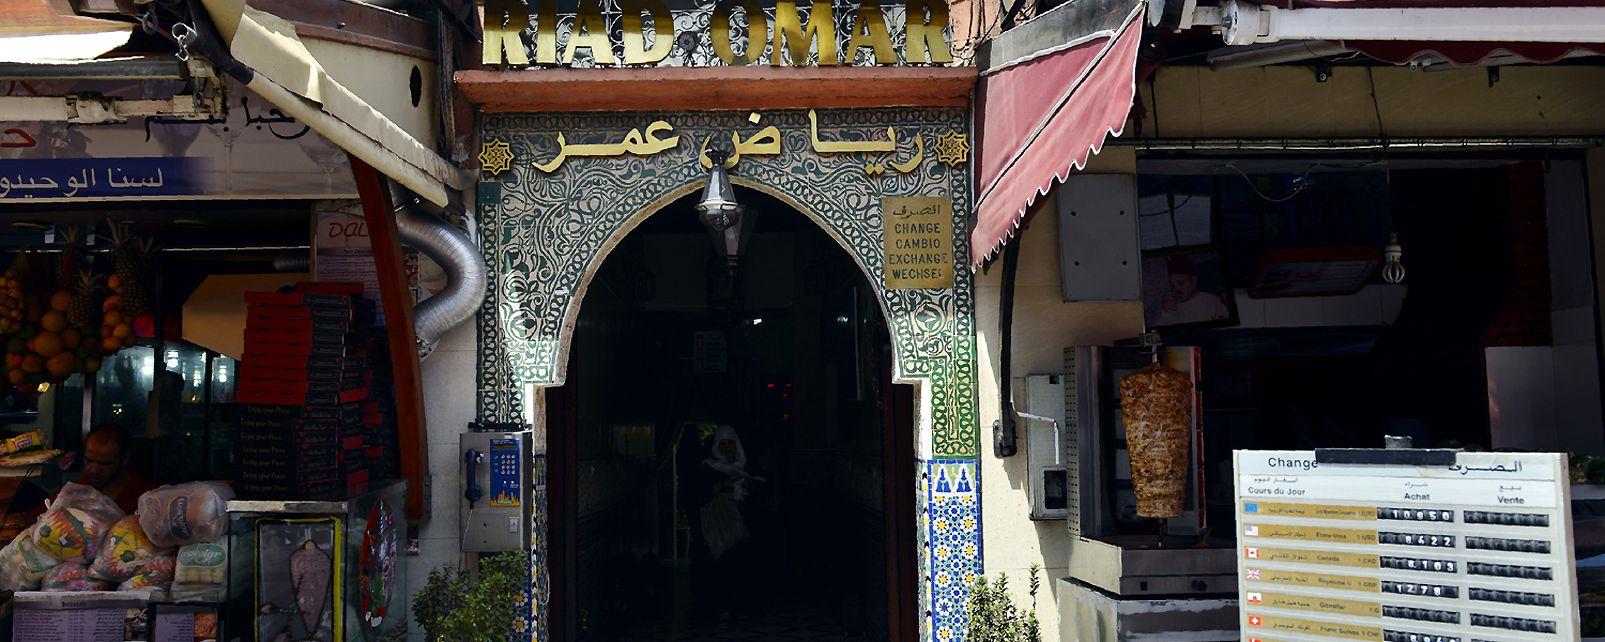 Hotel Riad Omar, Marrakech